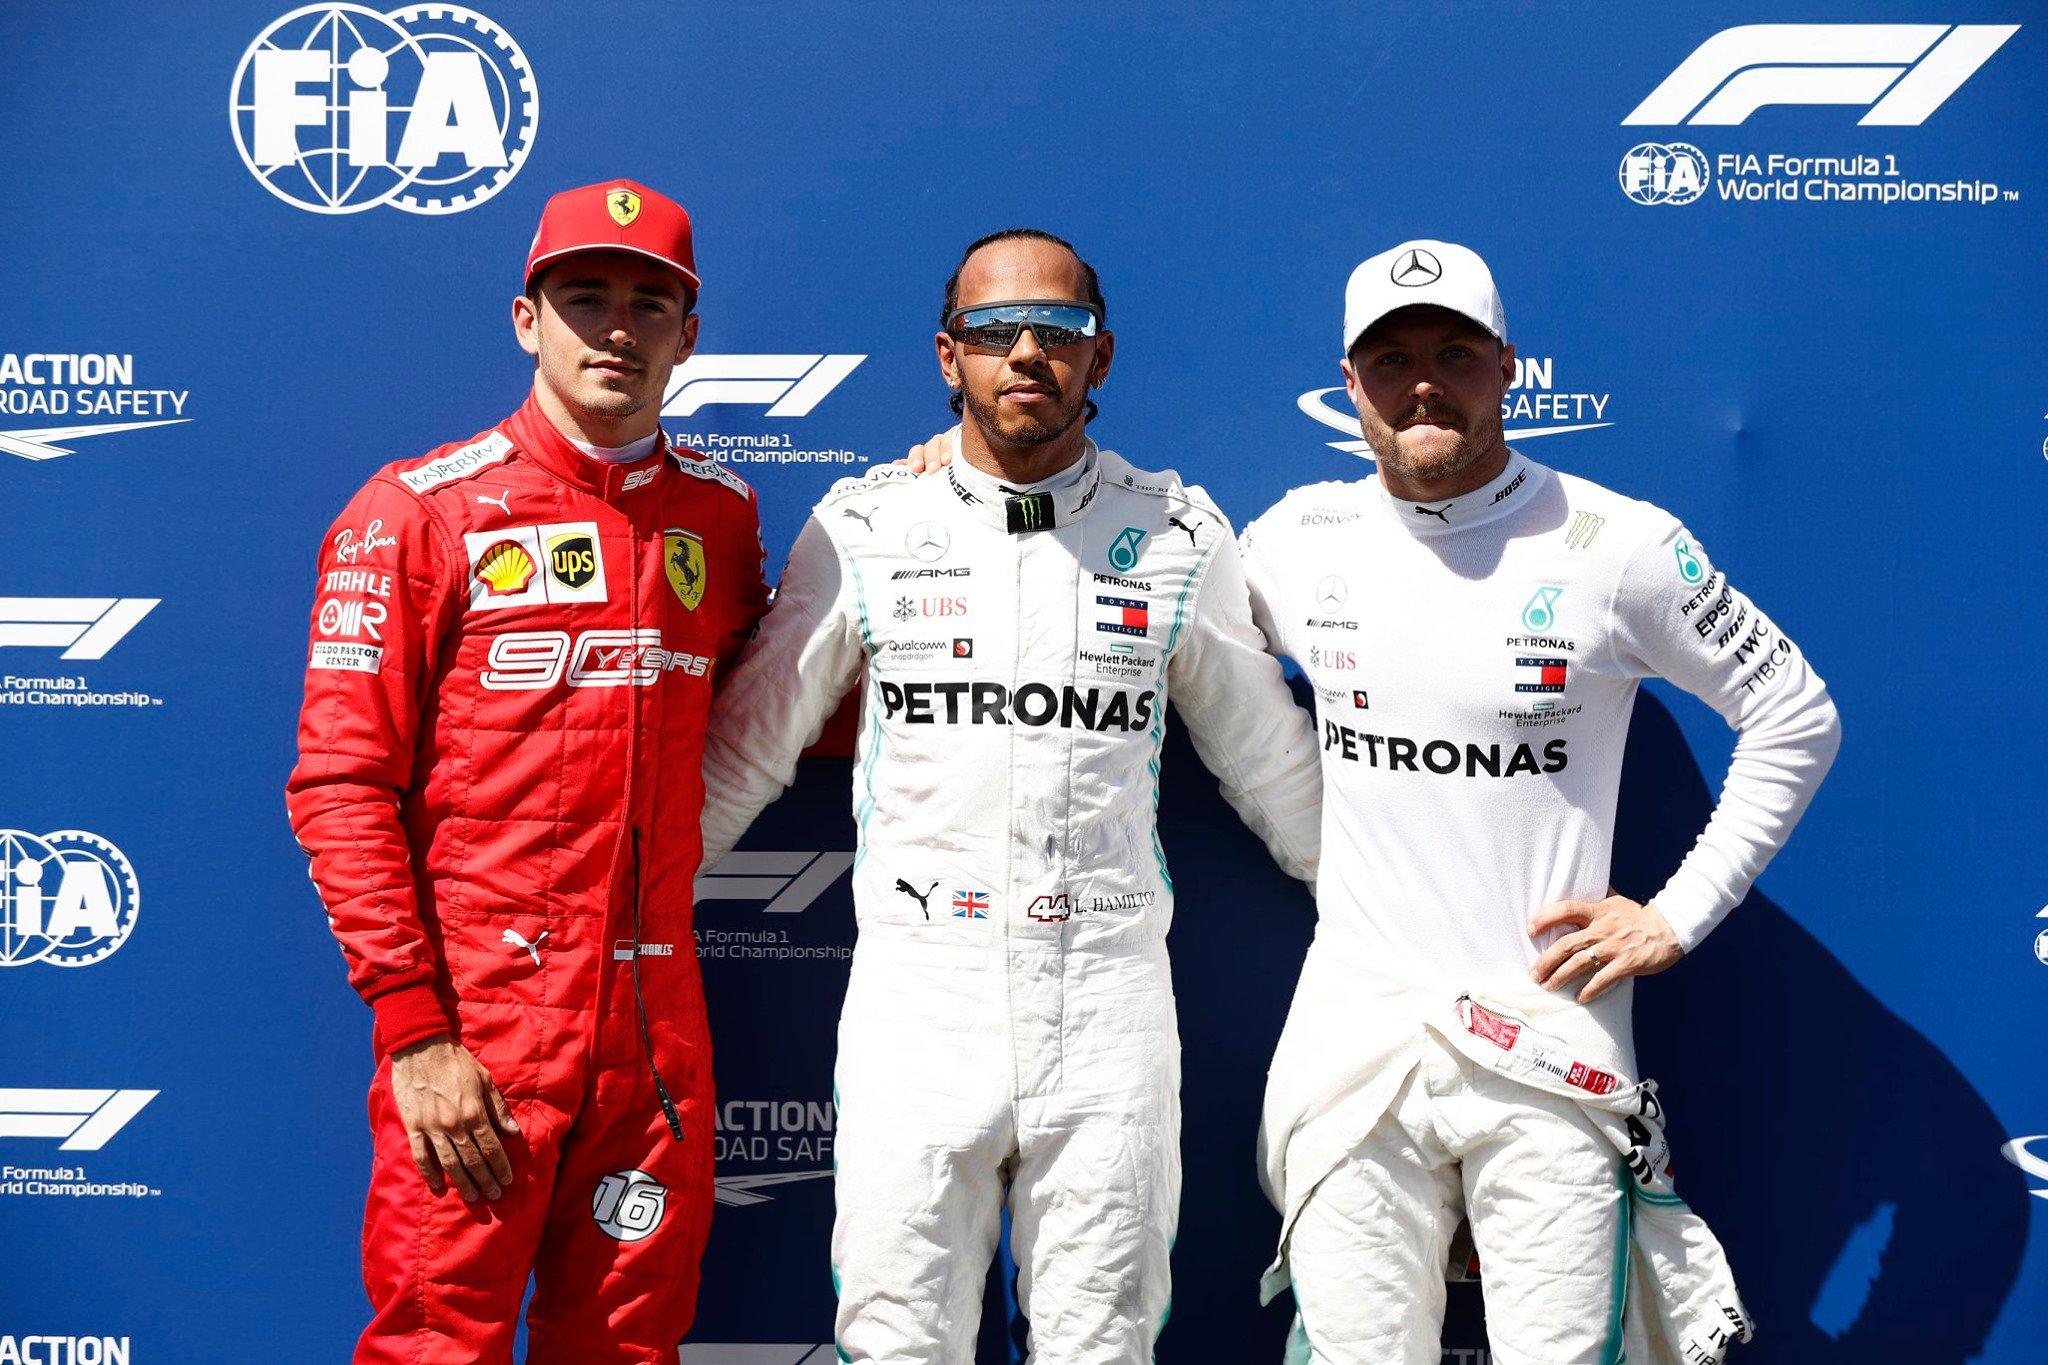 1ère ligne Mercedes, Hamilton bat le record du circuit